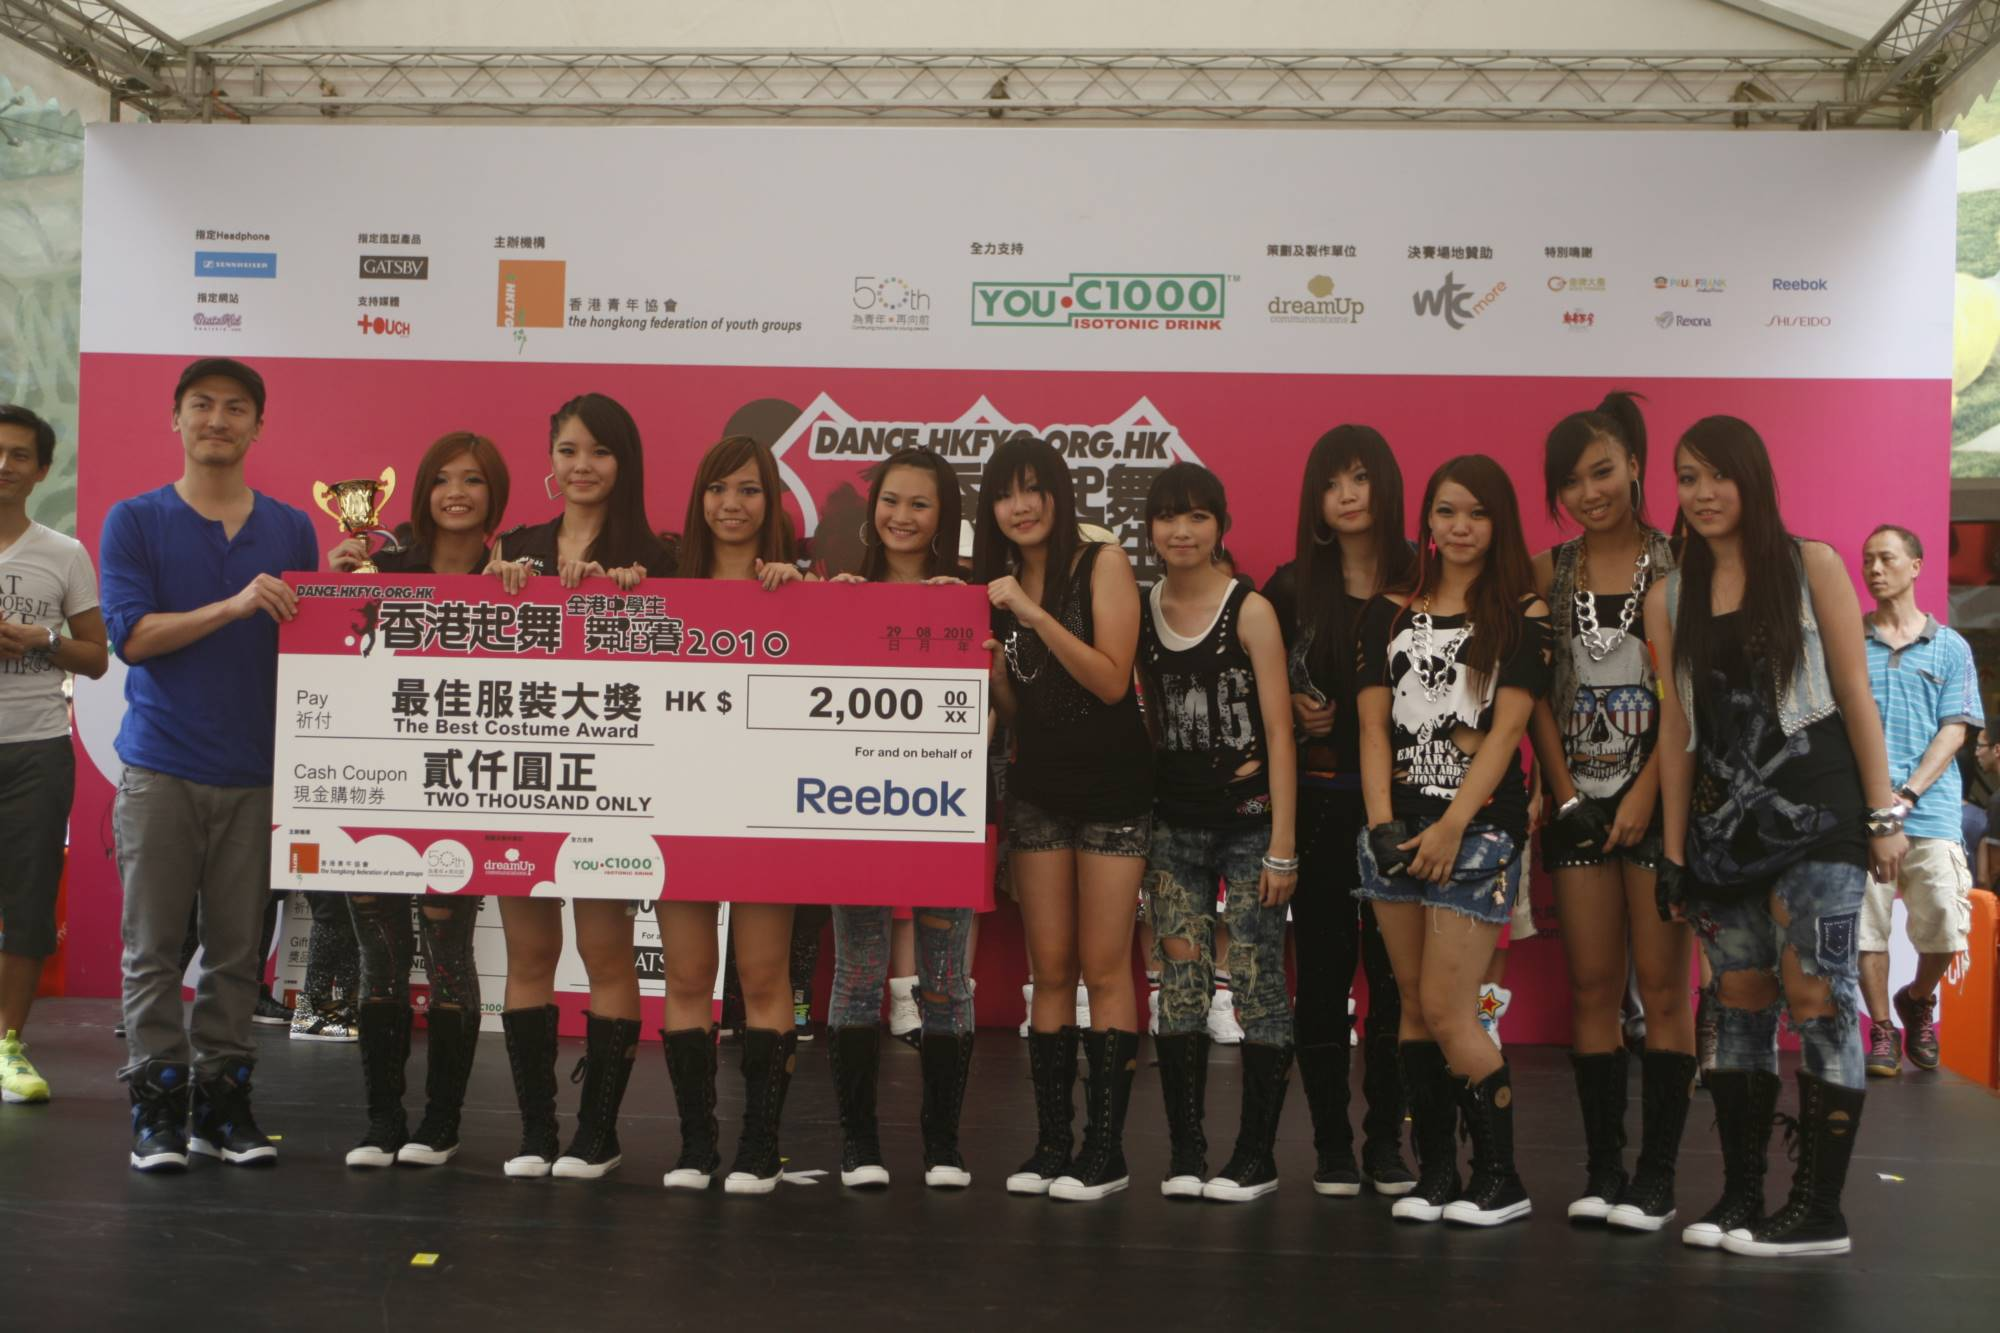 全港中學生舞蹈賽2010得獎隊伍 (2)